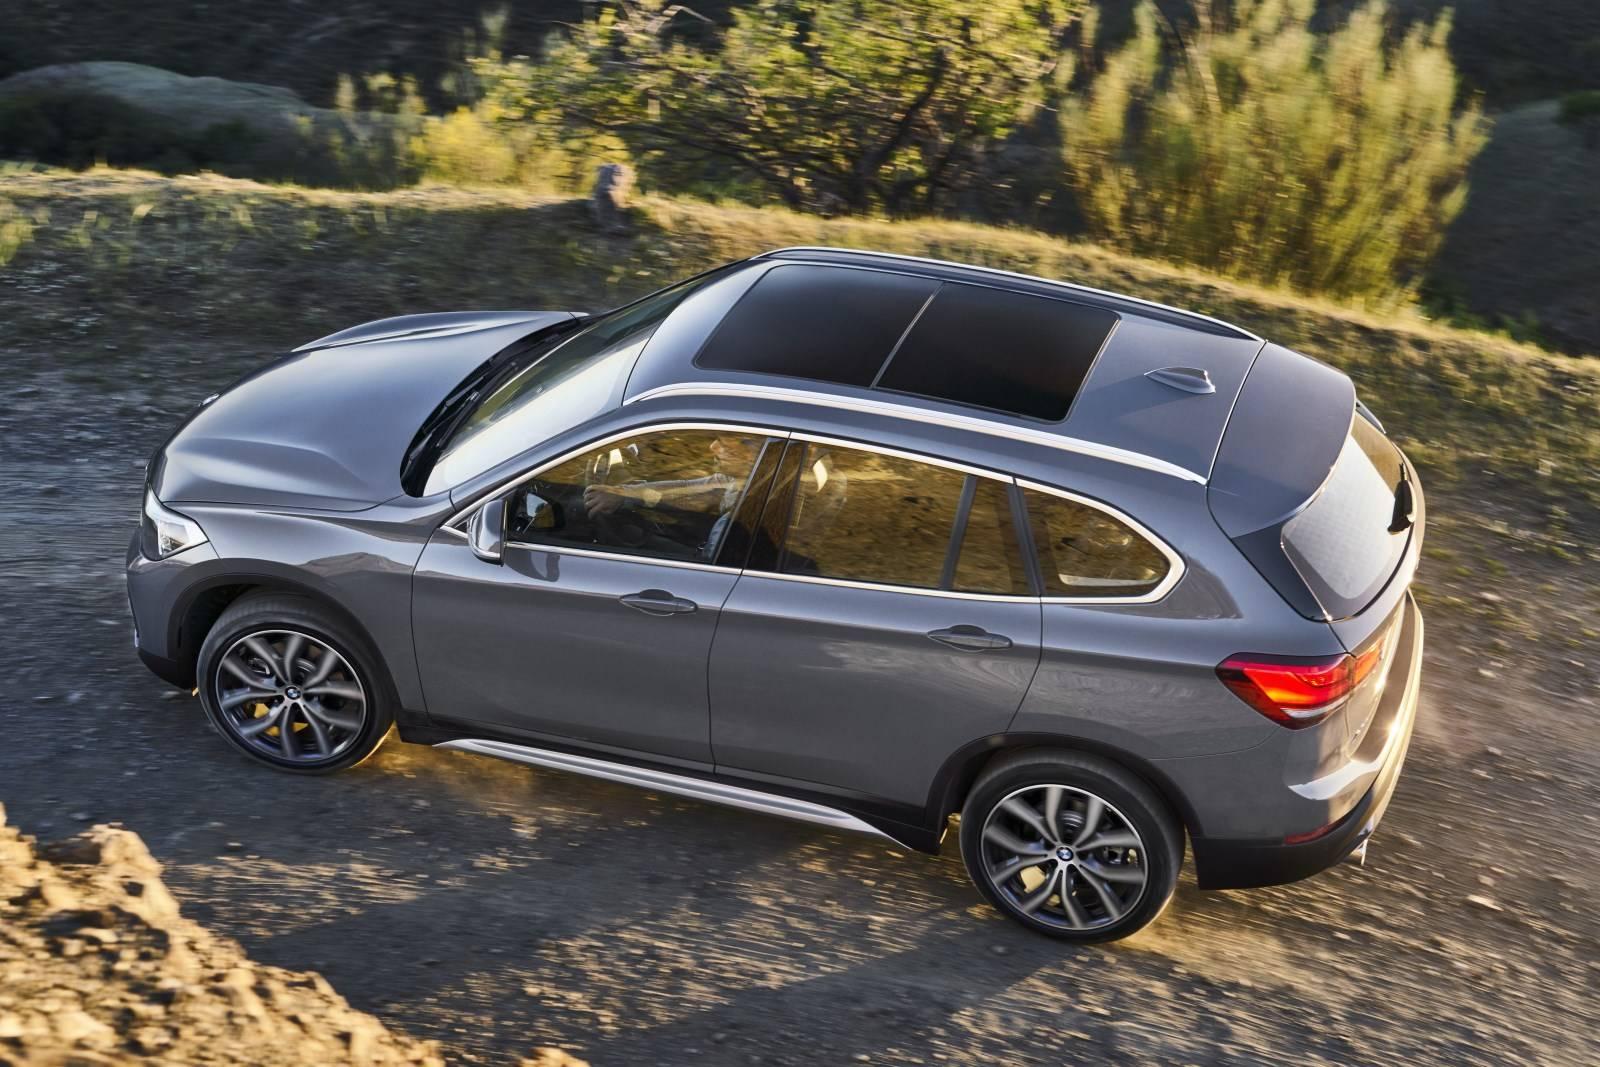 Новый BMW X1 F48 - cмелый и спортивный рестайлинг 3